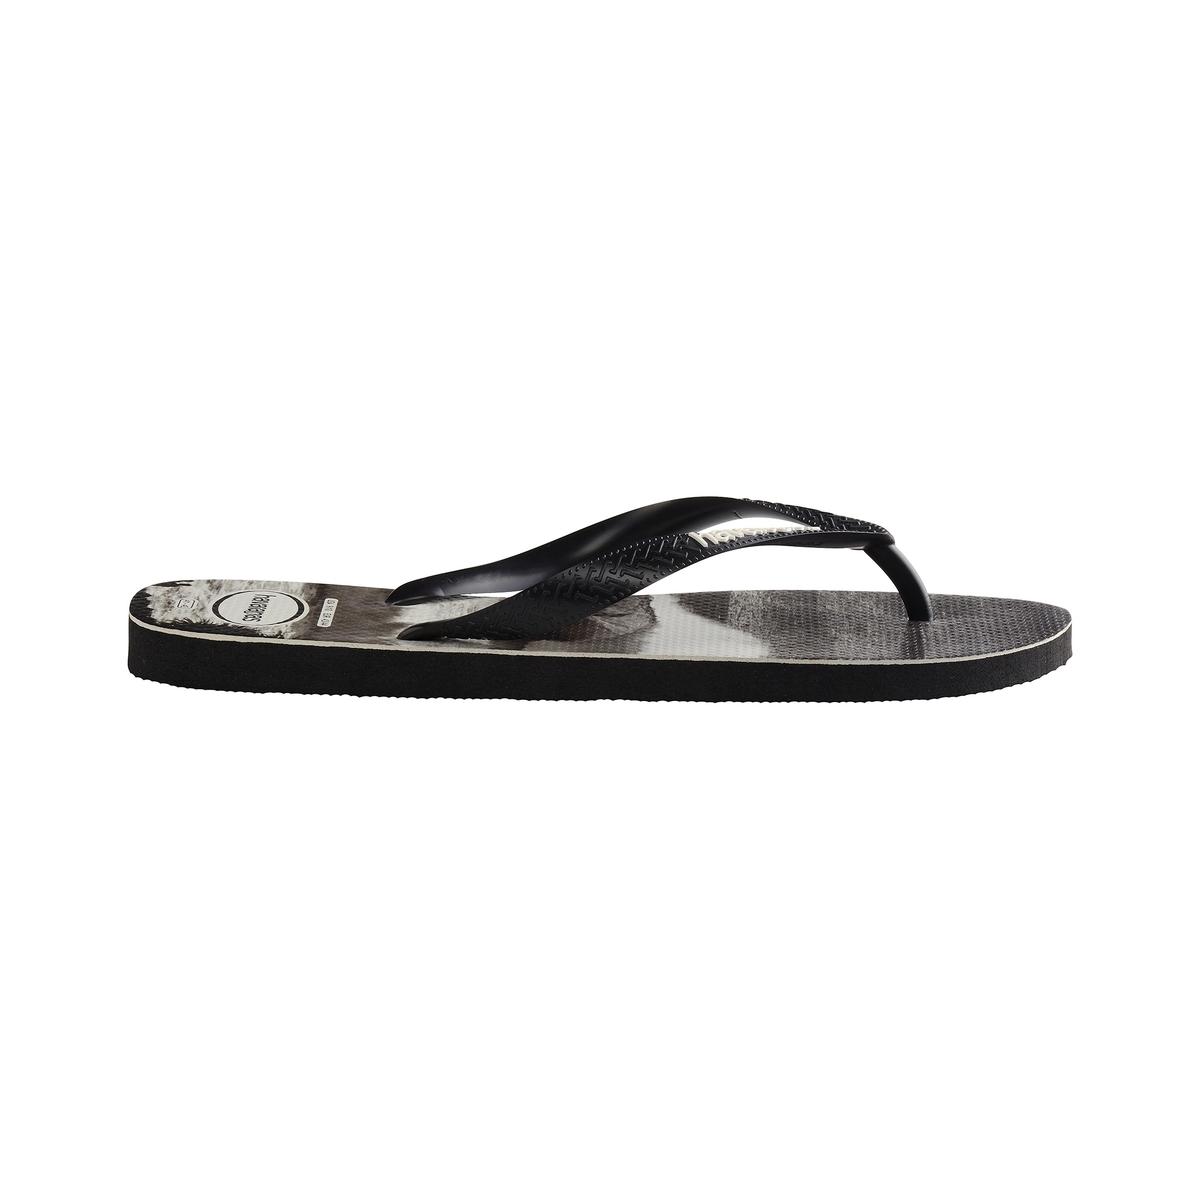 Вьетнамки PhotoprintВерх : каучук   Стелька : каучук   Подошва : каучук   Форма каблука : плоский каблук   Мысок : открытый мысок   Застежка : без застежки<br><br>Цвет: рисунок черный